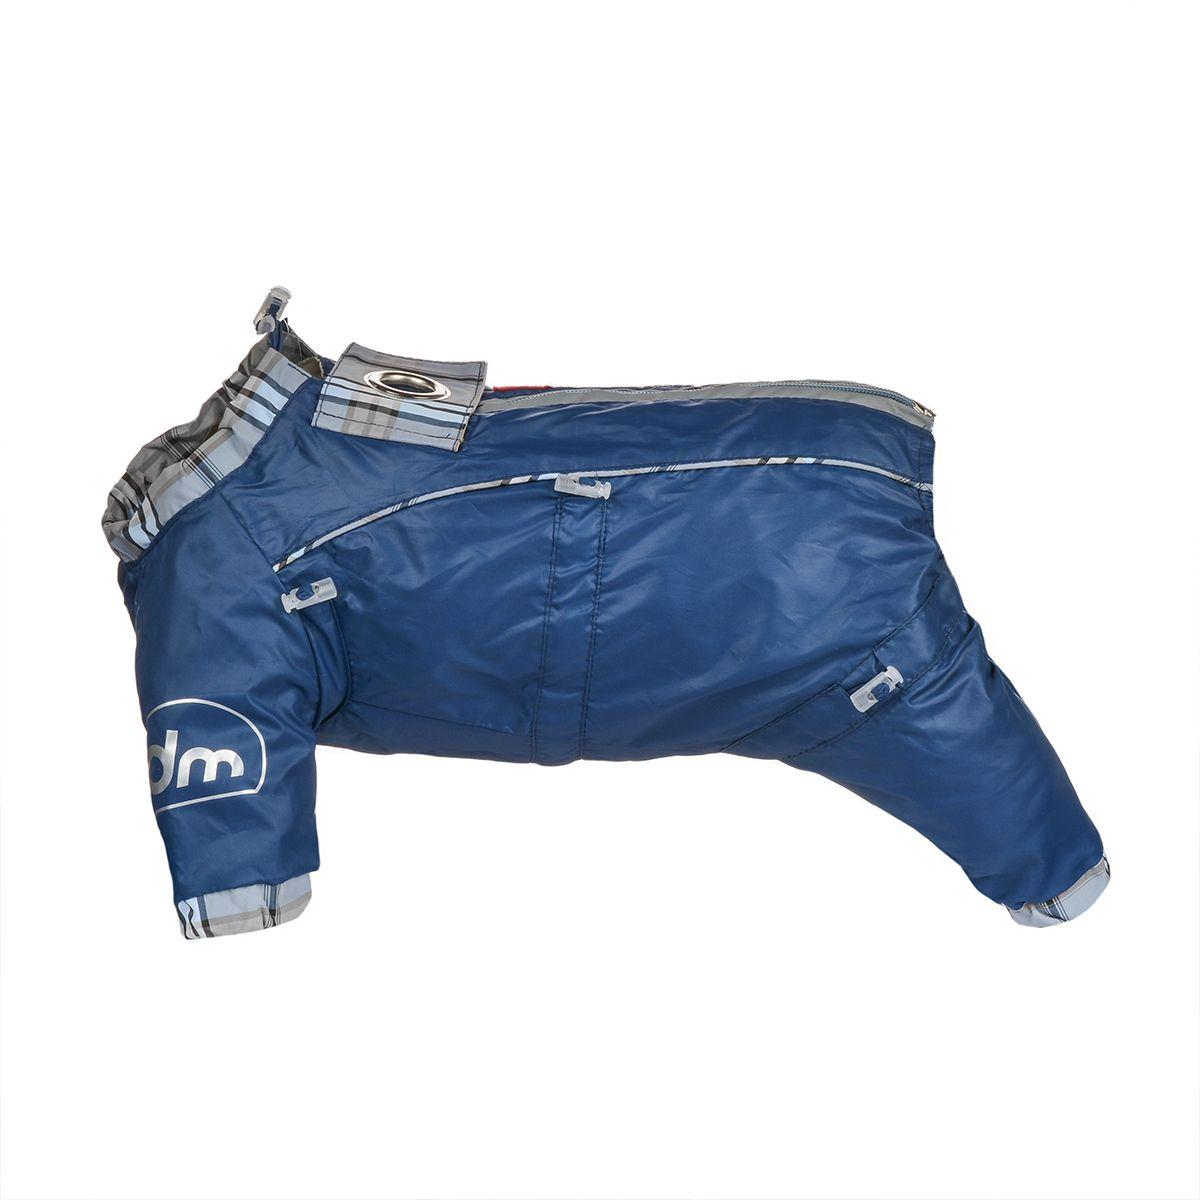 Комбинезон для собак Dogmoda Doggs, для мальчика, цвет: темно-синий. Размер XL0120710Комбинезон для собак Dogmoda Doggs отлично подойдет для прогулок в ветреную погоду.Комбинезон изготовлен из полиэстера, защищающего от ветра и осадков, с подкладкой из вискозы, которая обеспечит отличный воздухообмен. Комбинезон застегивается на молнию и липучку, благодаря чему его легко надевать и снимать. Молния снабжена светоотражающими элементами. Низ рукавов и брючин оснащен внутренними резинками, которые мягко обхватывают лапки, не позволяя просачиваться холодному воздуху. На вороте, пояснице и лапках комбинезон затягивается на шнурок-кулиску с затяжкой. Модель снабжена непромокаемым карманом для размещения записки с информацией о вашем питомце, на случай если он потеряется.Благодаря такому комбинезону простуда не грозит вашему питомцу и он не даст любимцу продрогнуть на прогулке.